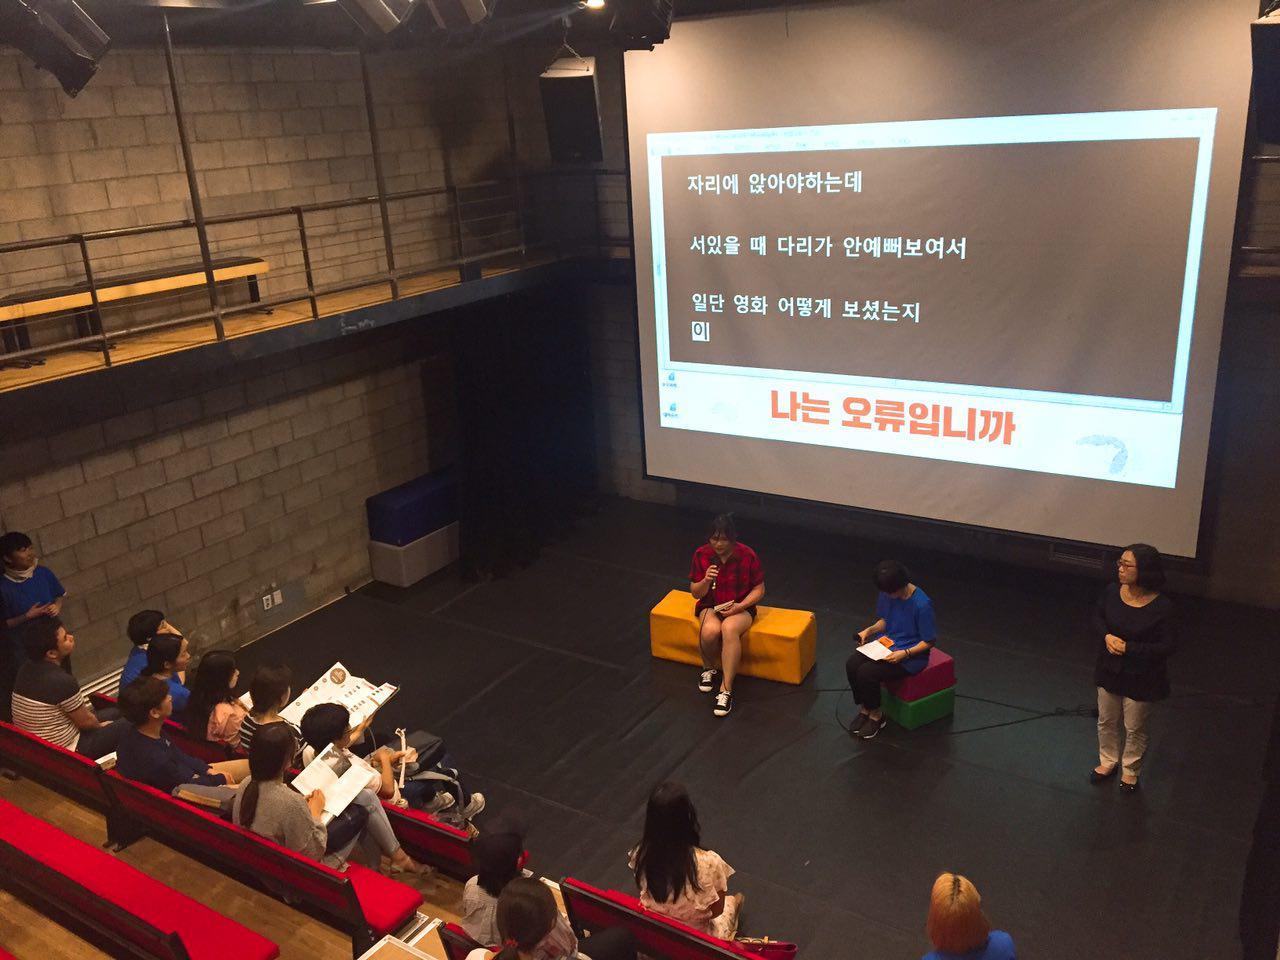 서울인권영화제 [내 이름은 마리아나] 관객과의 대화.jpg